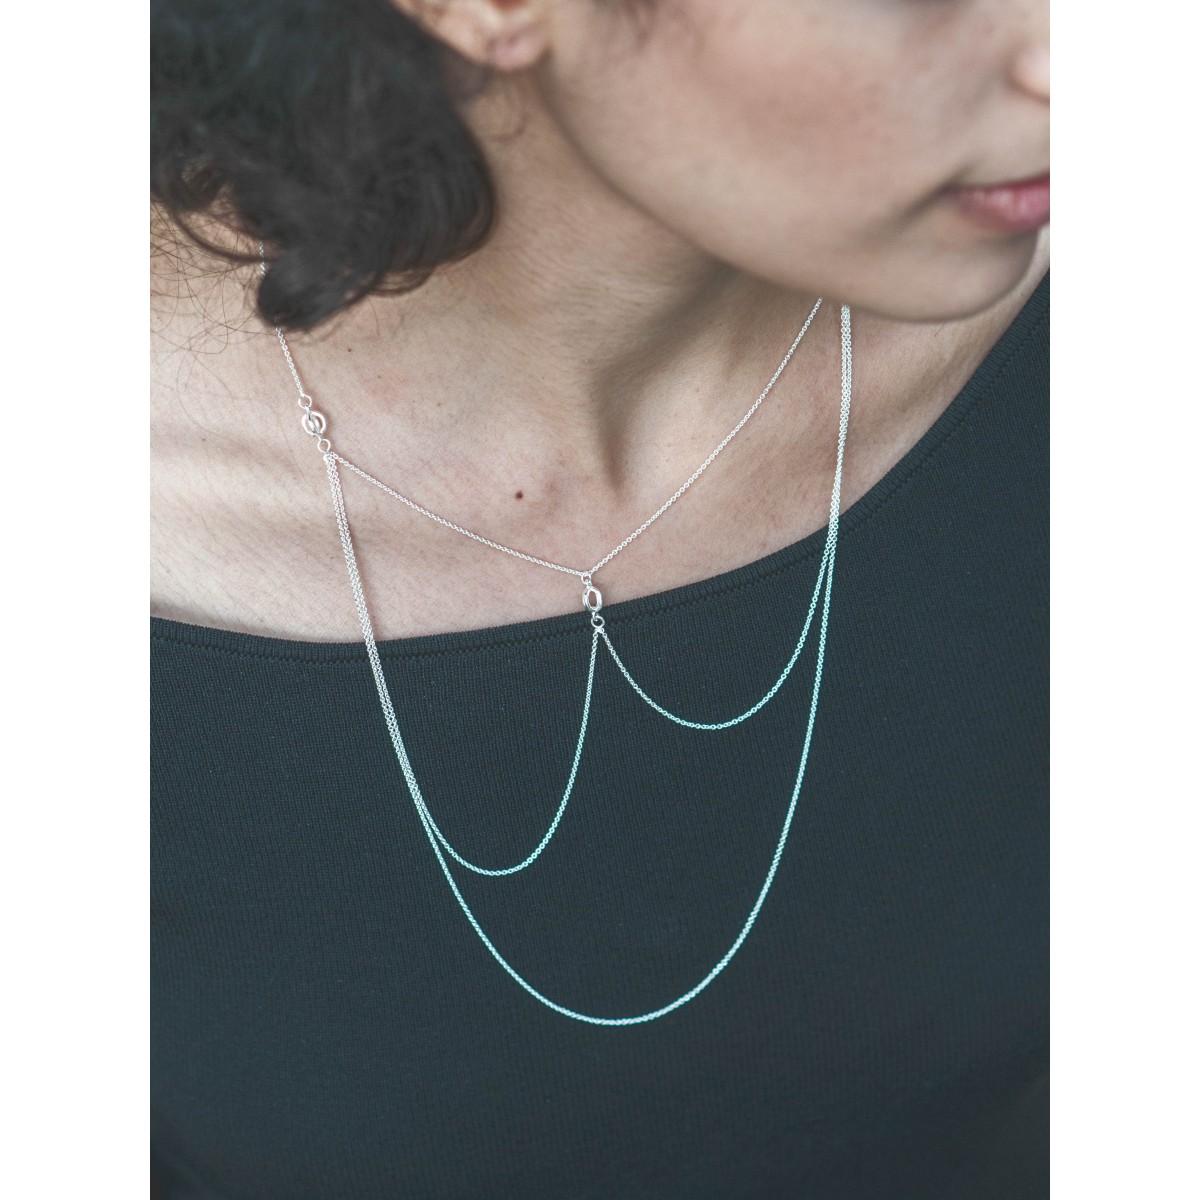 Jonathan Radetz Jewellery, Kette KISSKISS COLLIER, Länge 63 cm, Silber 925